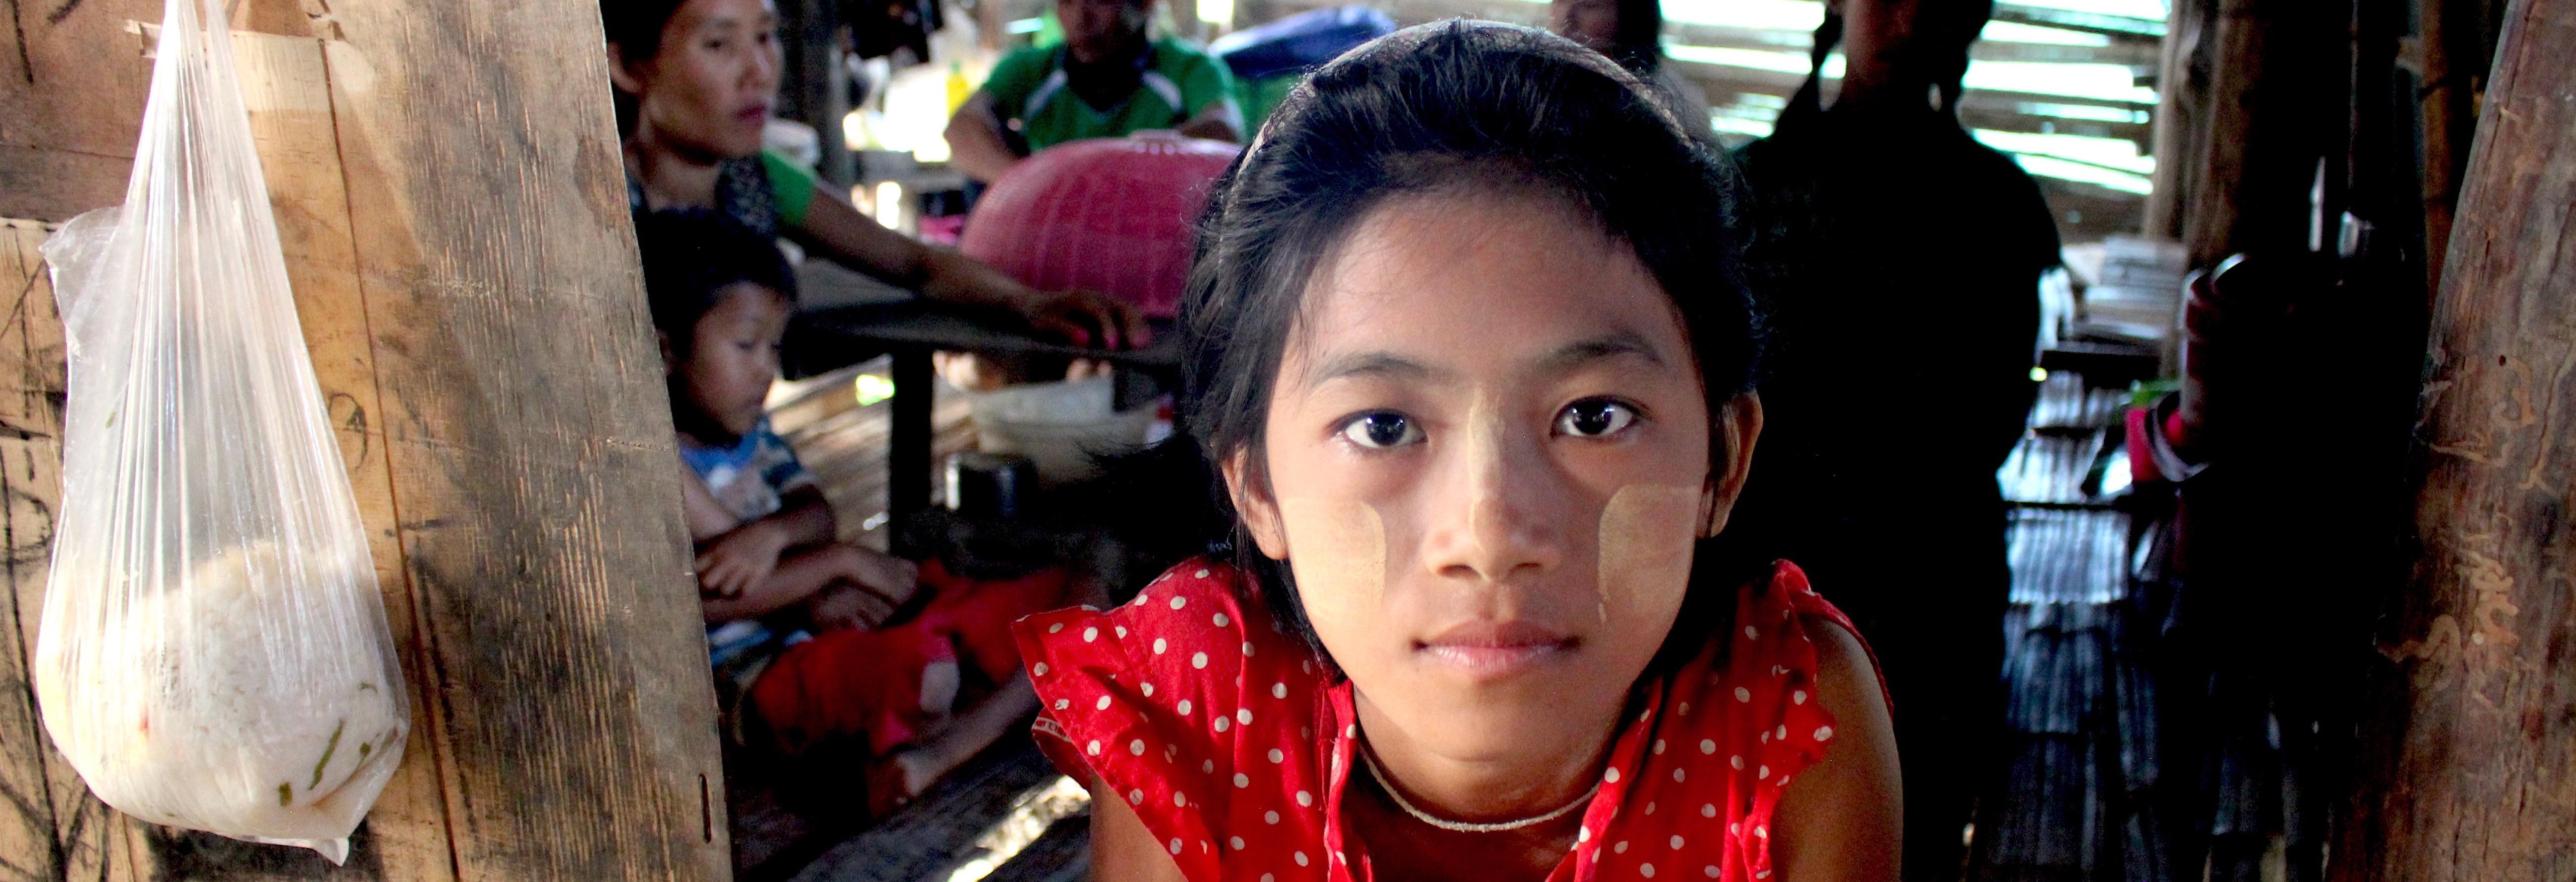 birmaniaexiste